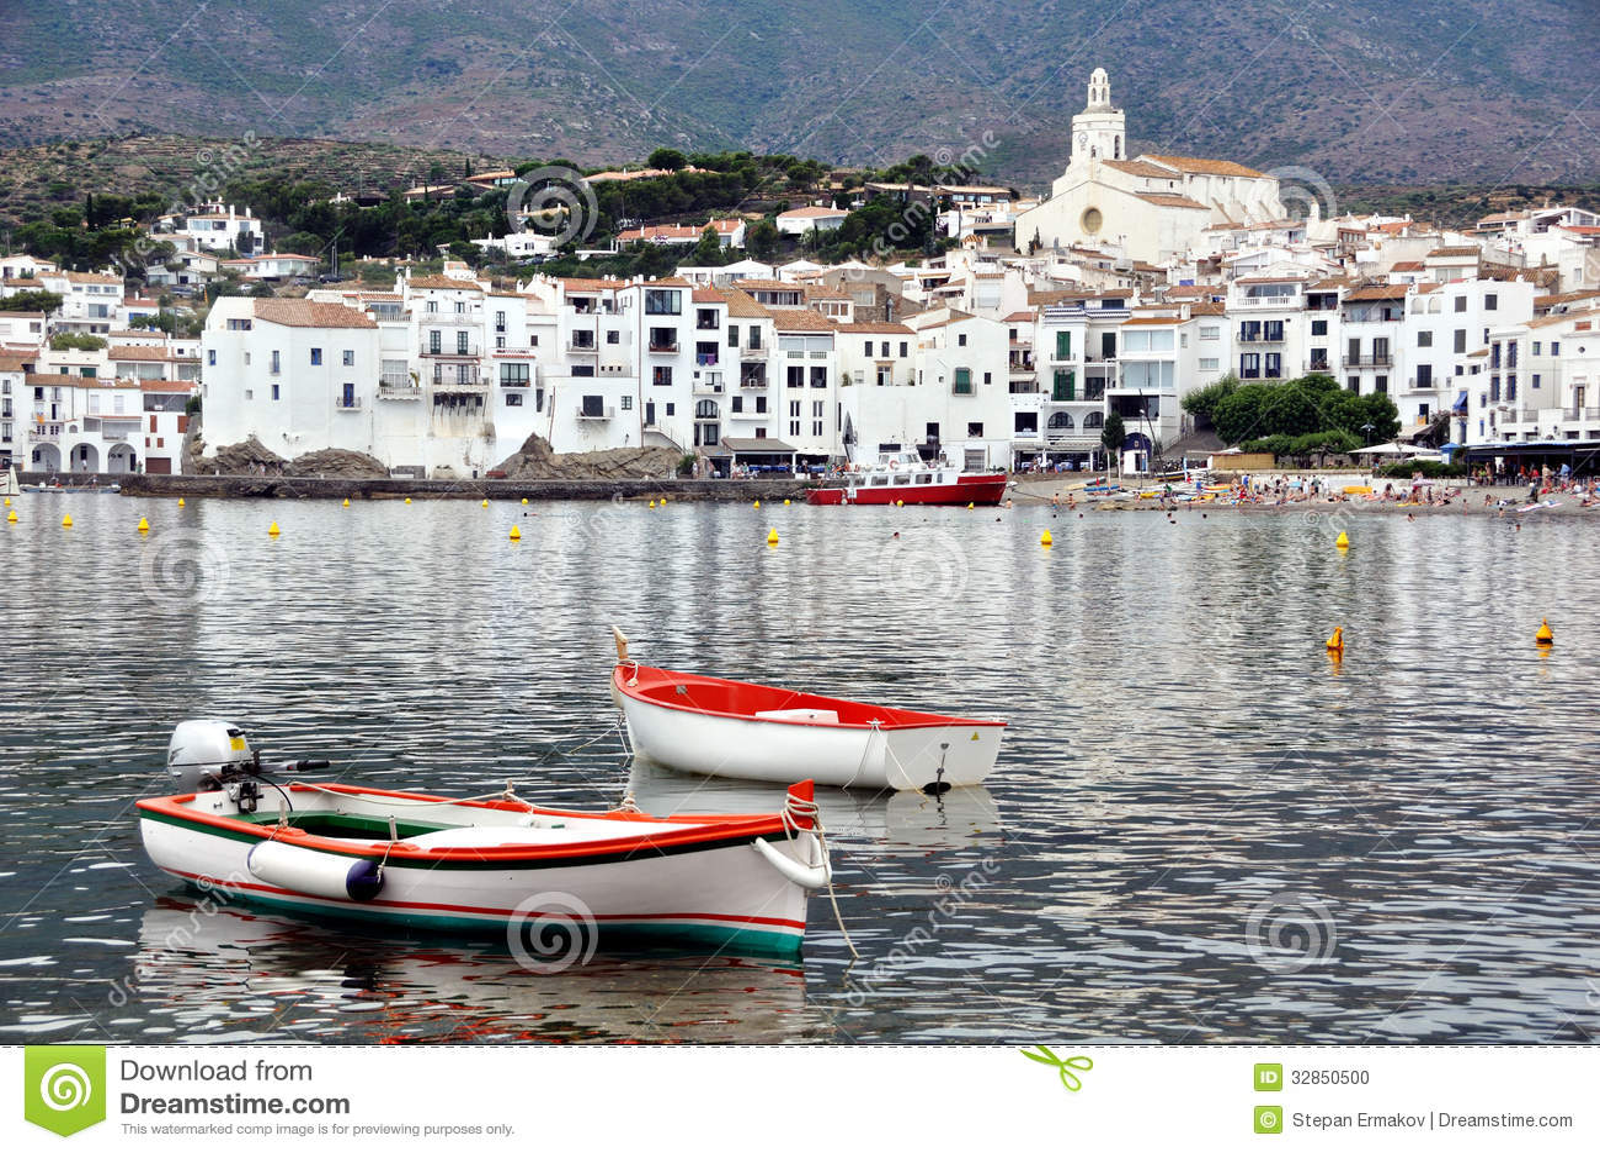 Ville de bord de la mer cadaques catalogne espagne photo - Ville bord de mer mediterranee ...